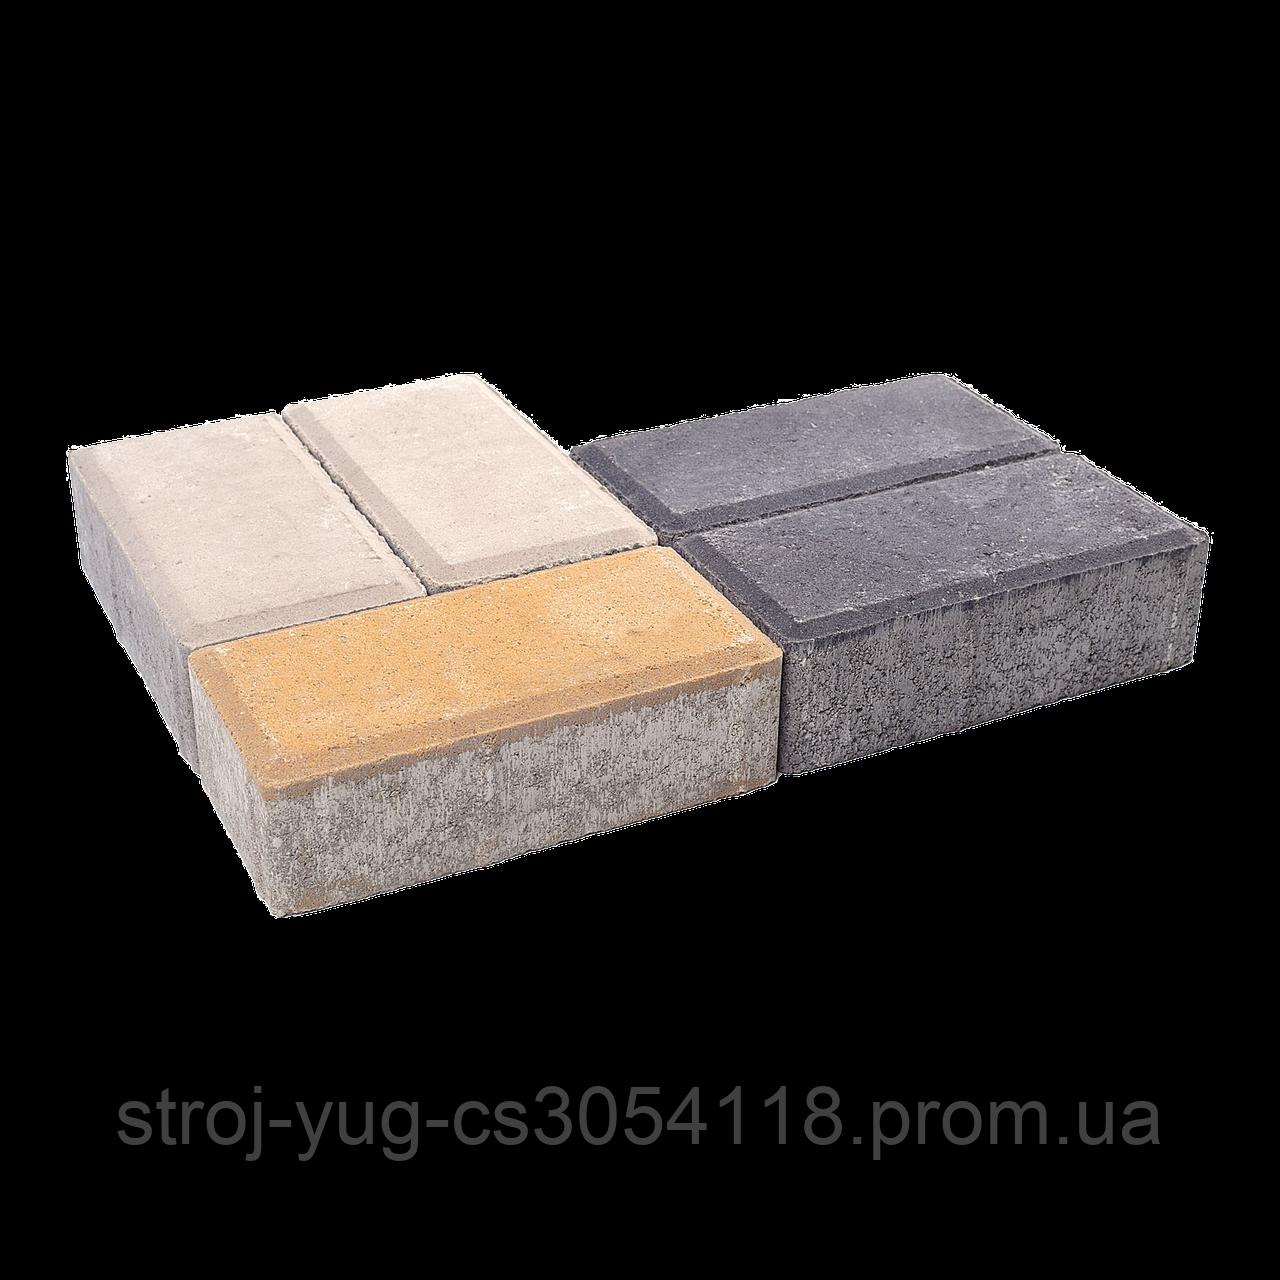 Тротуарная плитка «Брусчатка», оливковый, 60 мм, заводское качество